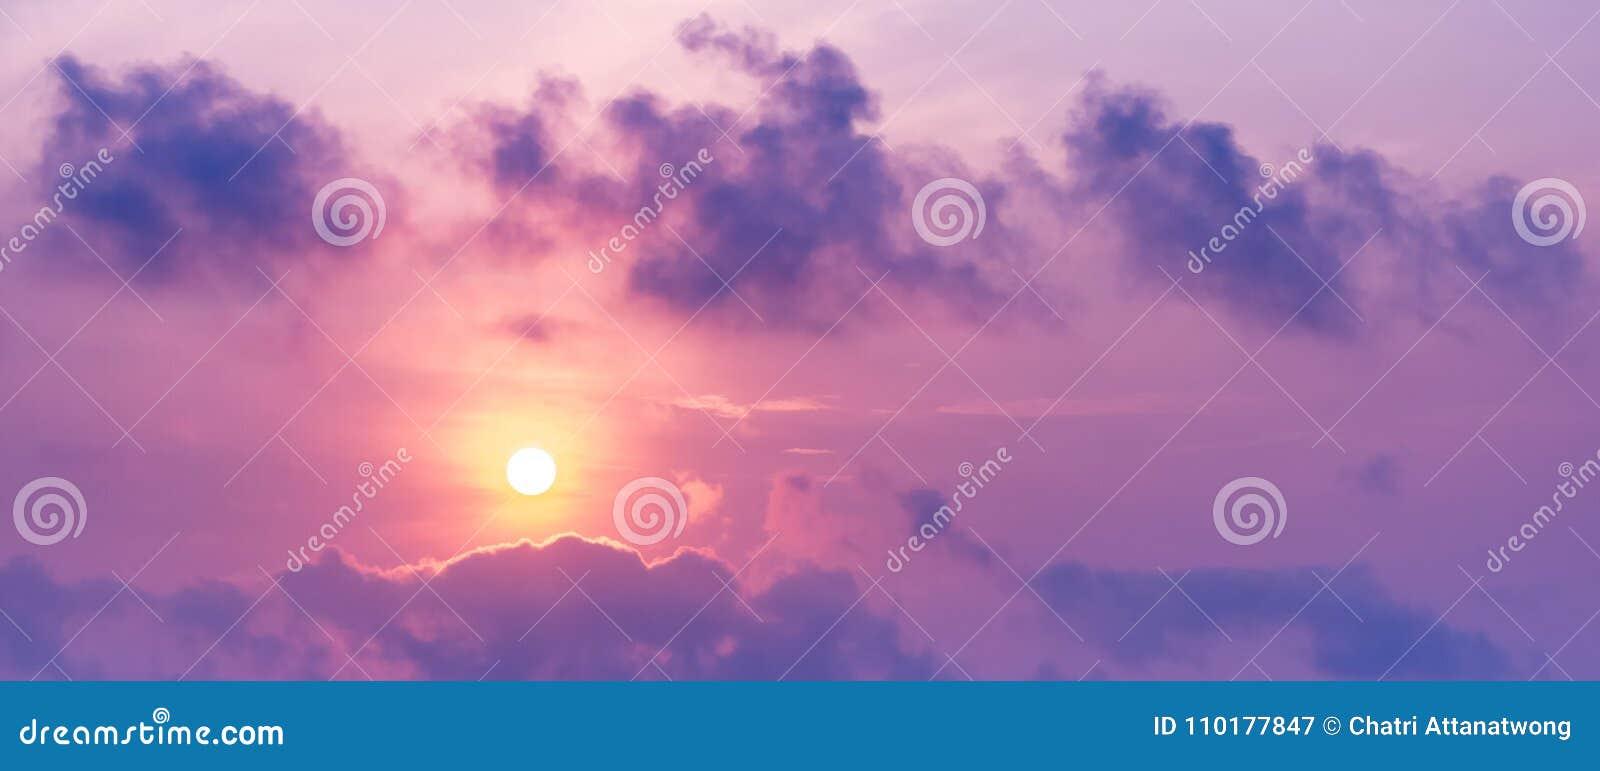 Εικόνα πανοράματος του ήλιου στον ουρανό και του σύννεφου στο χρονικό πορφυρό τόνο λυκόφατος